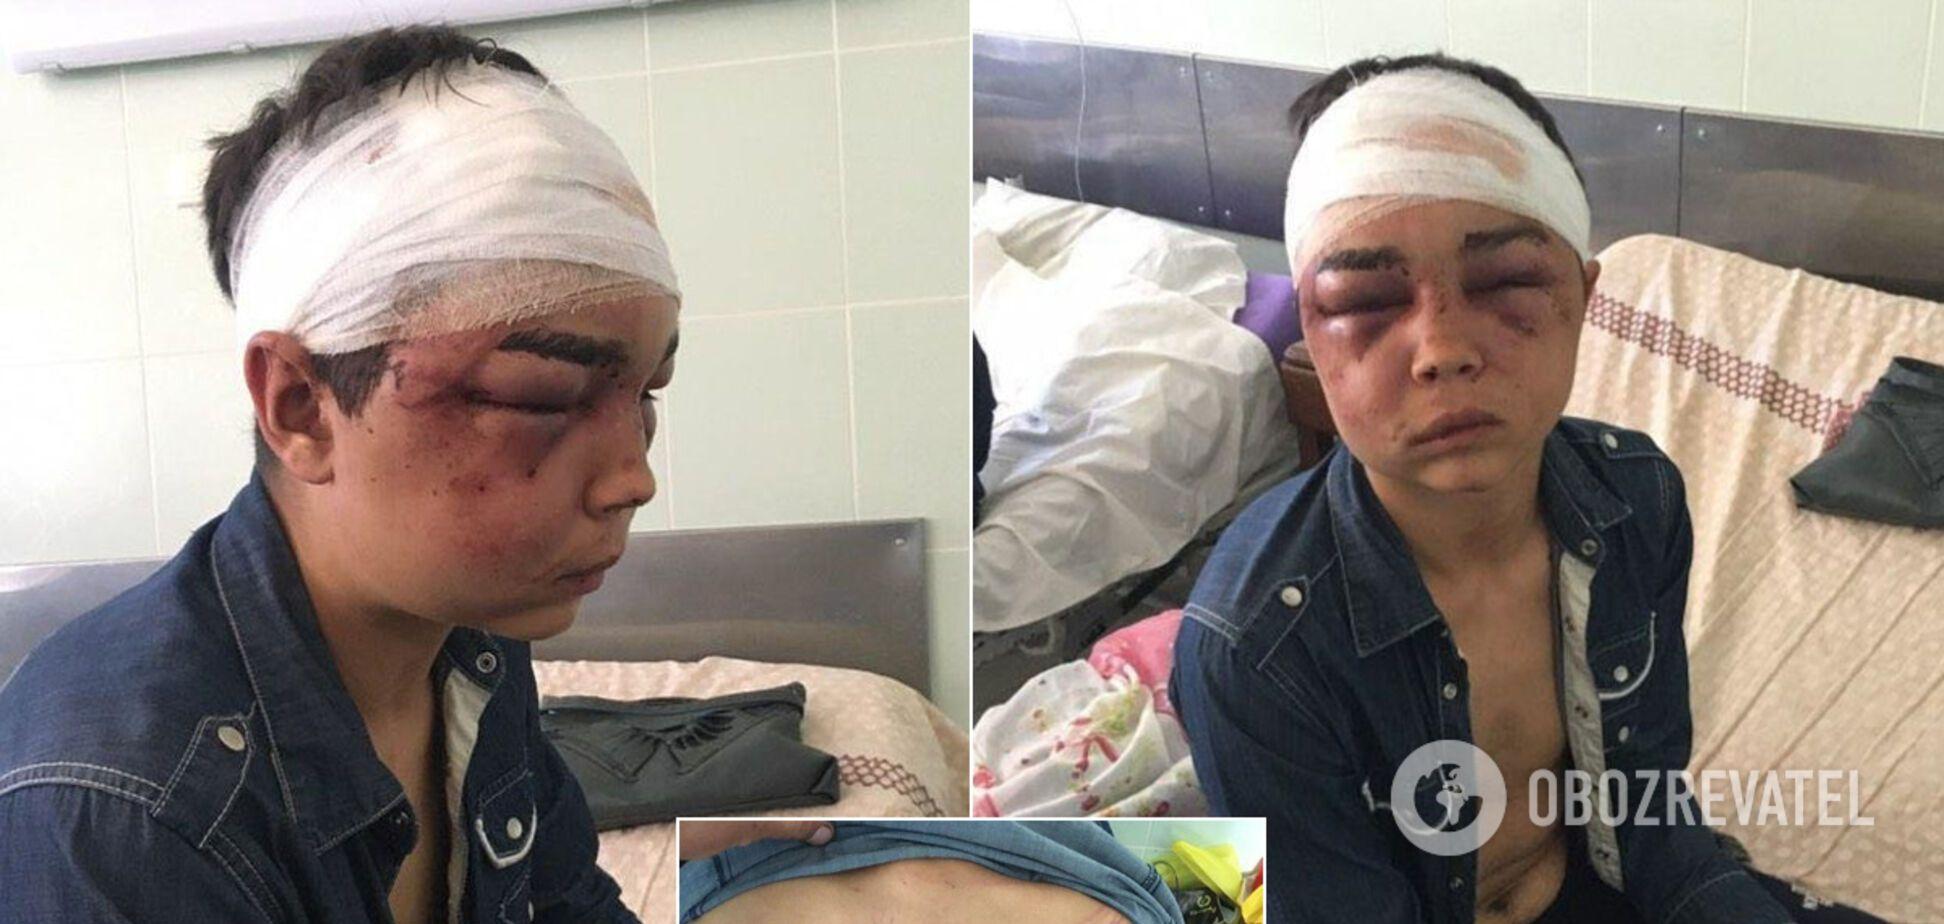 На Харьковщине двоих мужчин обвинили в избиении и изнасиловании 17-летнего. Фото 18+